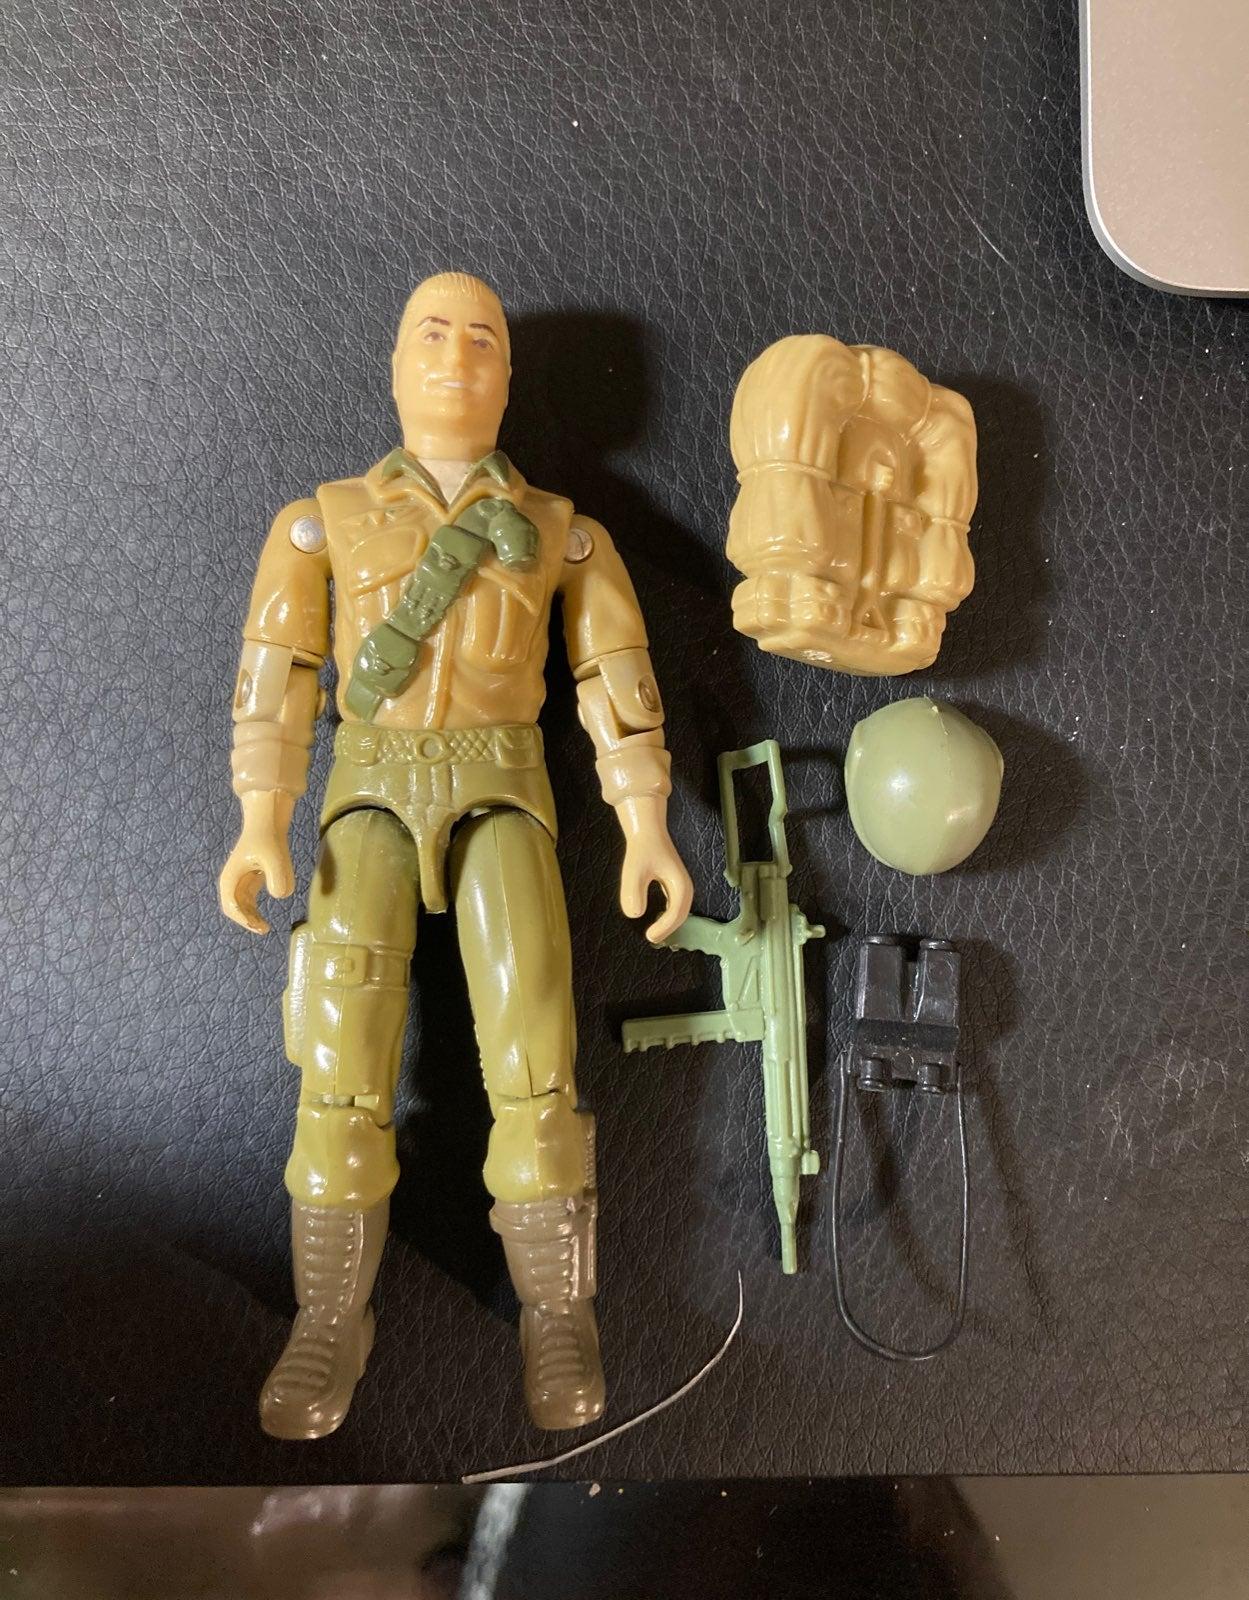 G I Joe Corps partie 1992 Duke bras gauche C8.5 très bon état